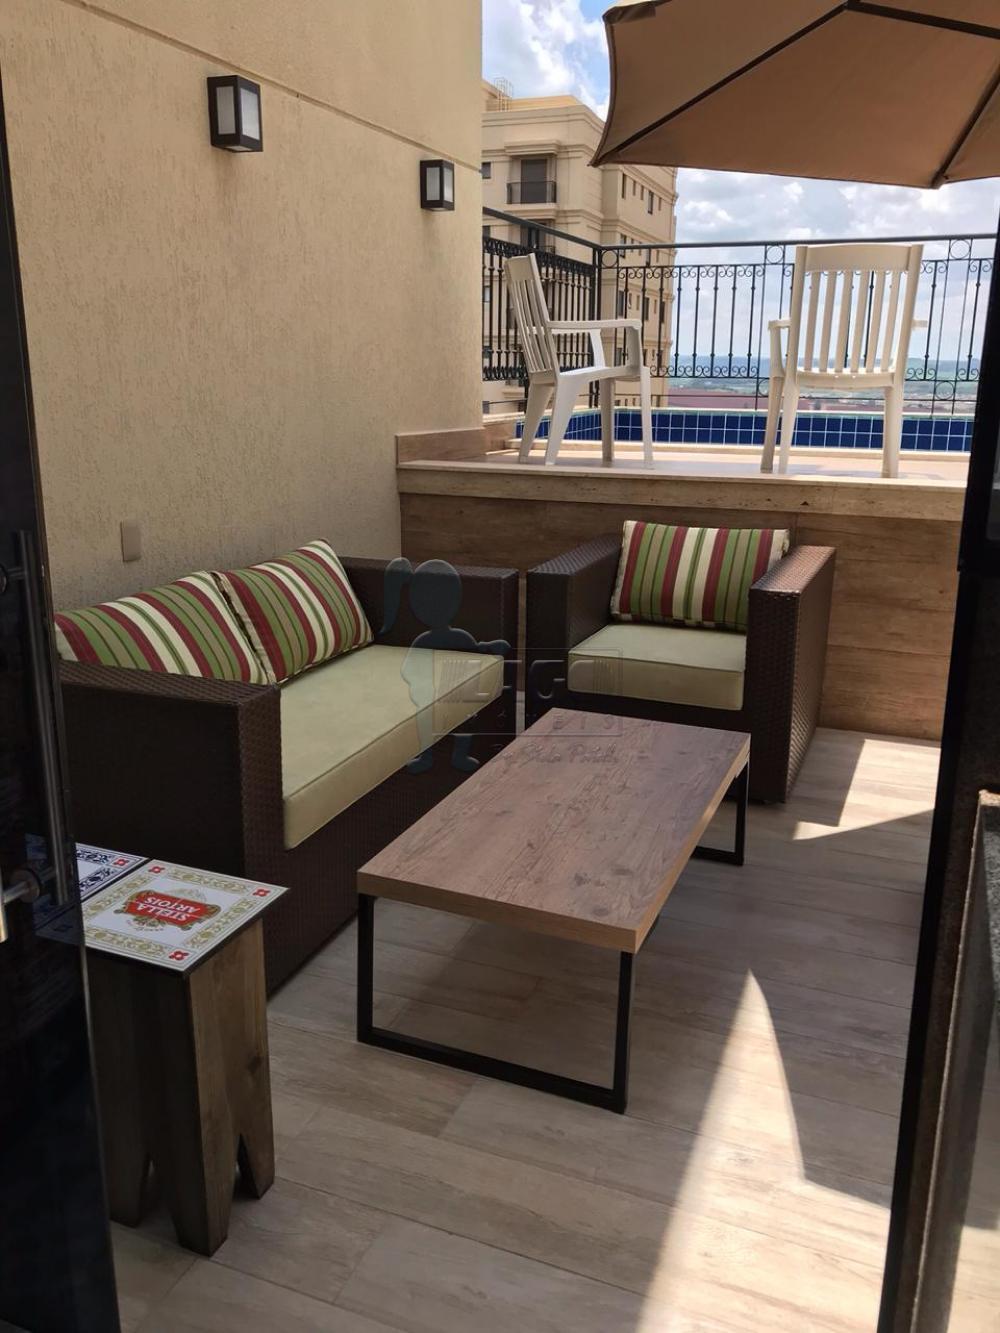 Comprar Apartamento / Cobertura em Ribeirão Preto apenas R$ 2.200.000,00 - Foto 1